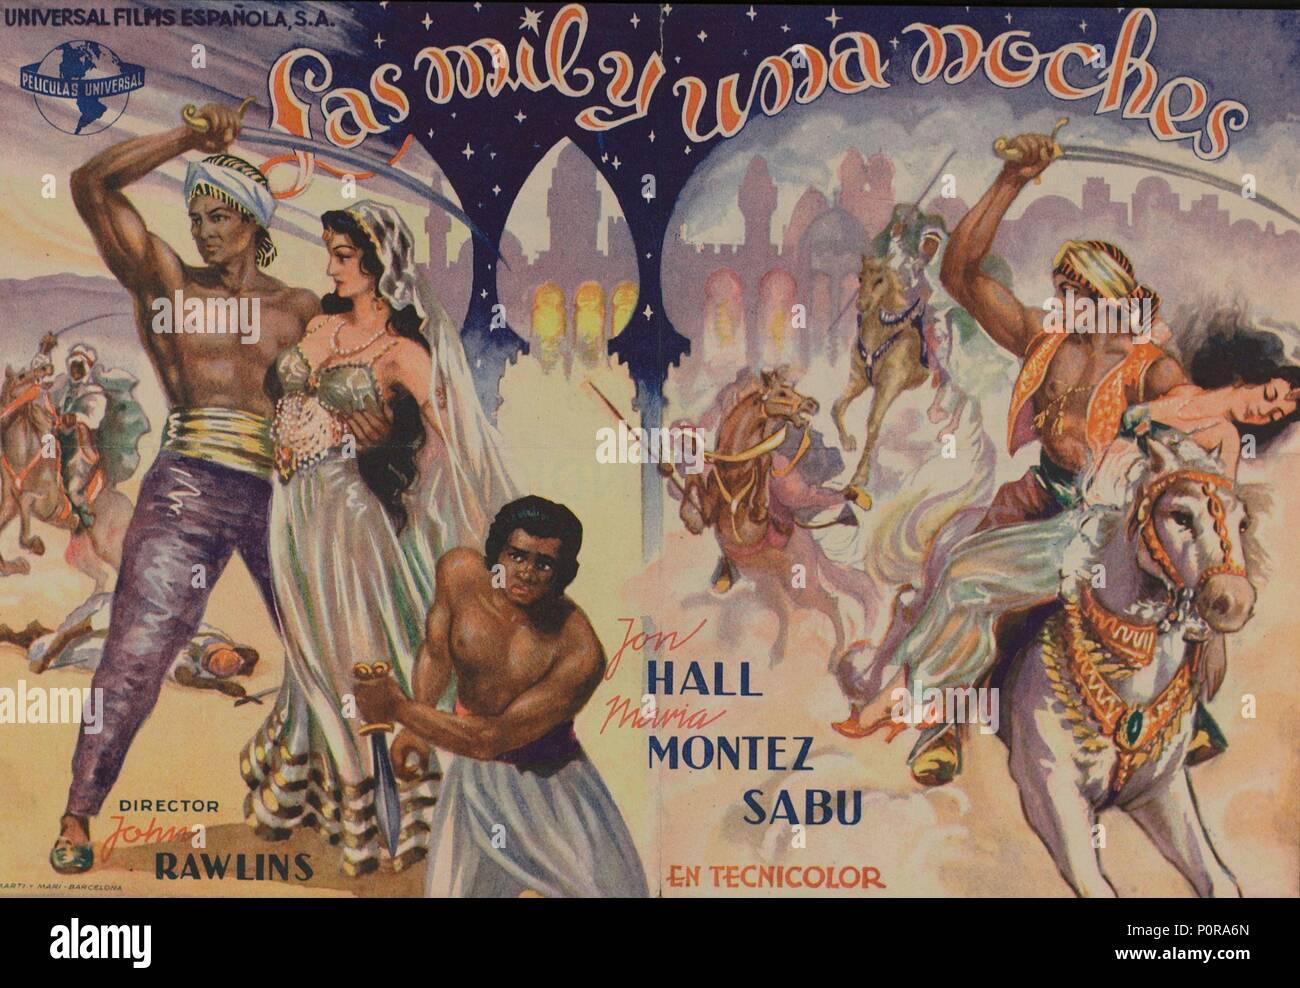 Arabian Nights Pelicula Completa Español original film title: arabian nights. english title: arabian